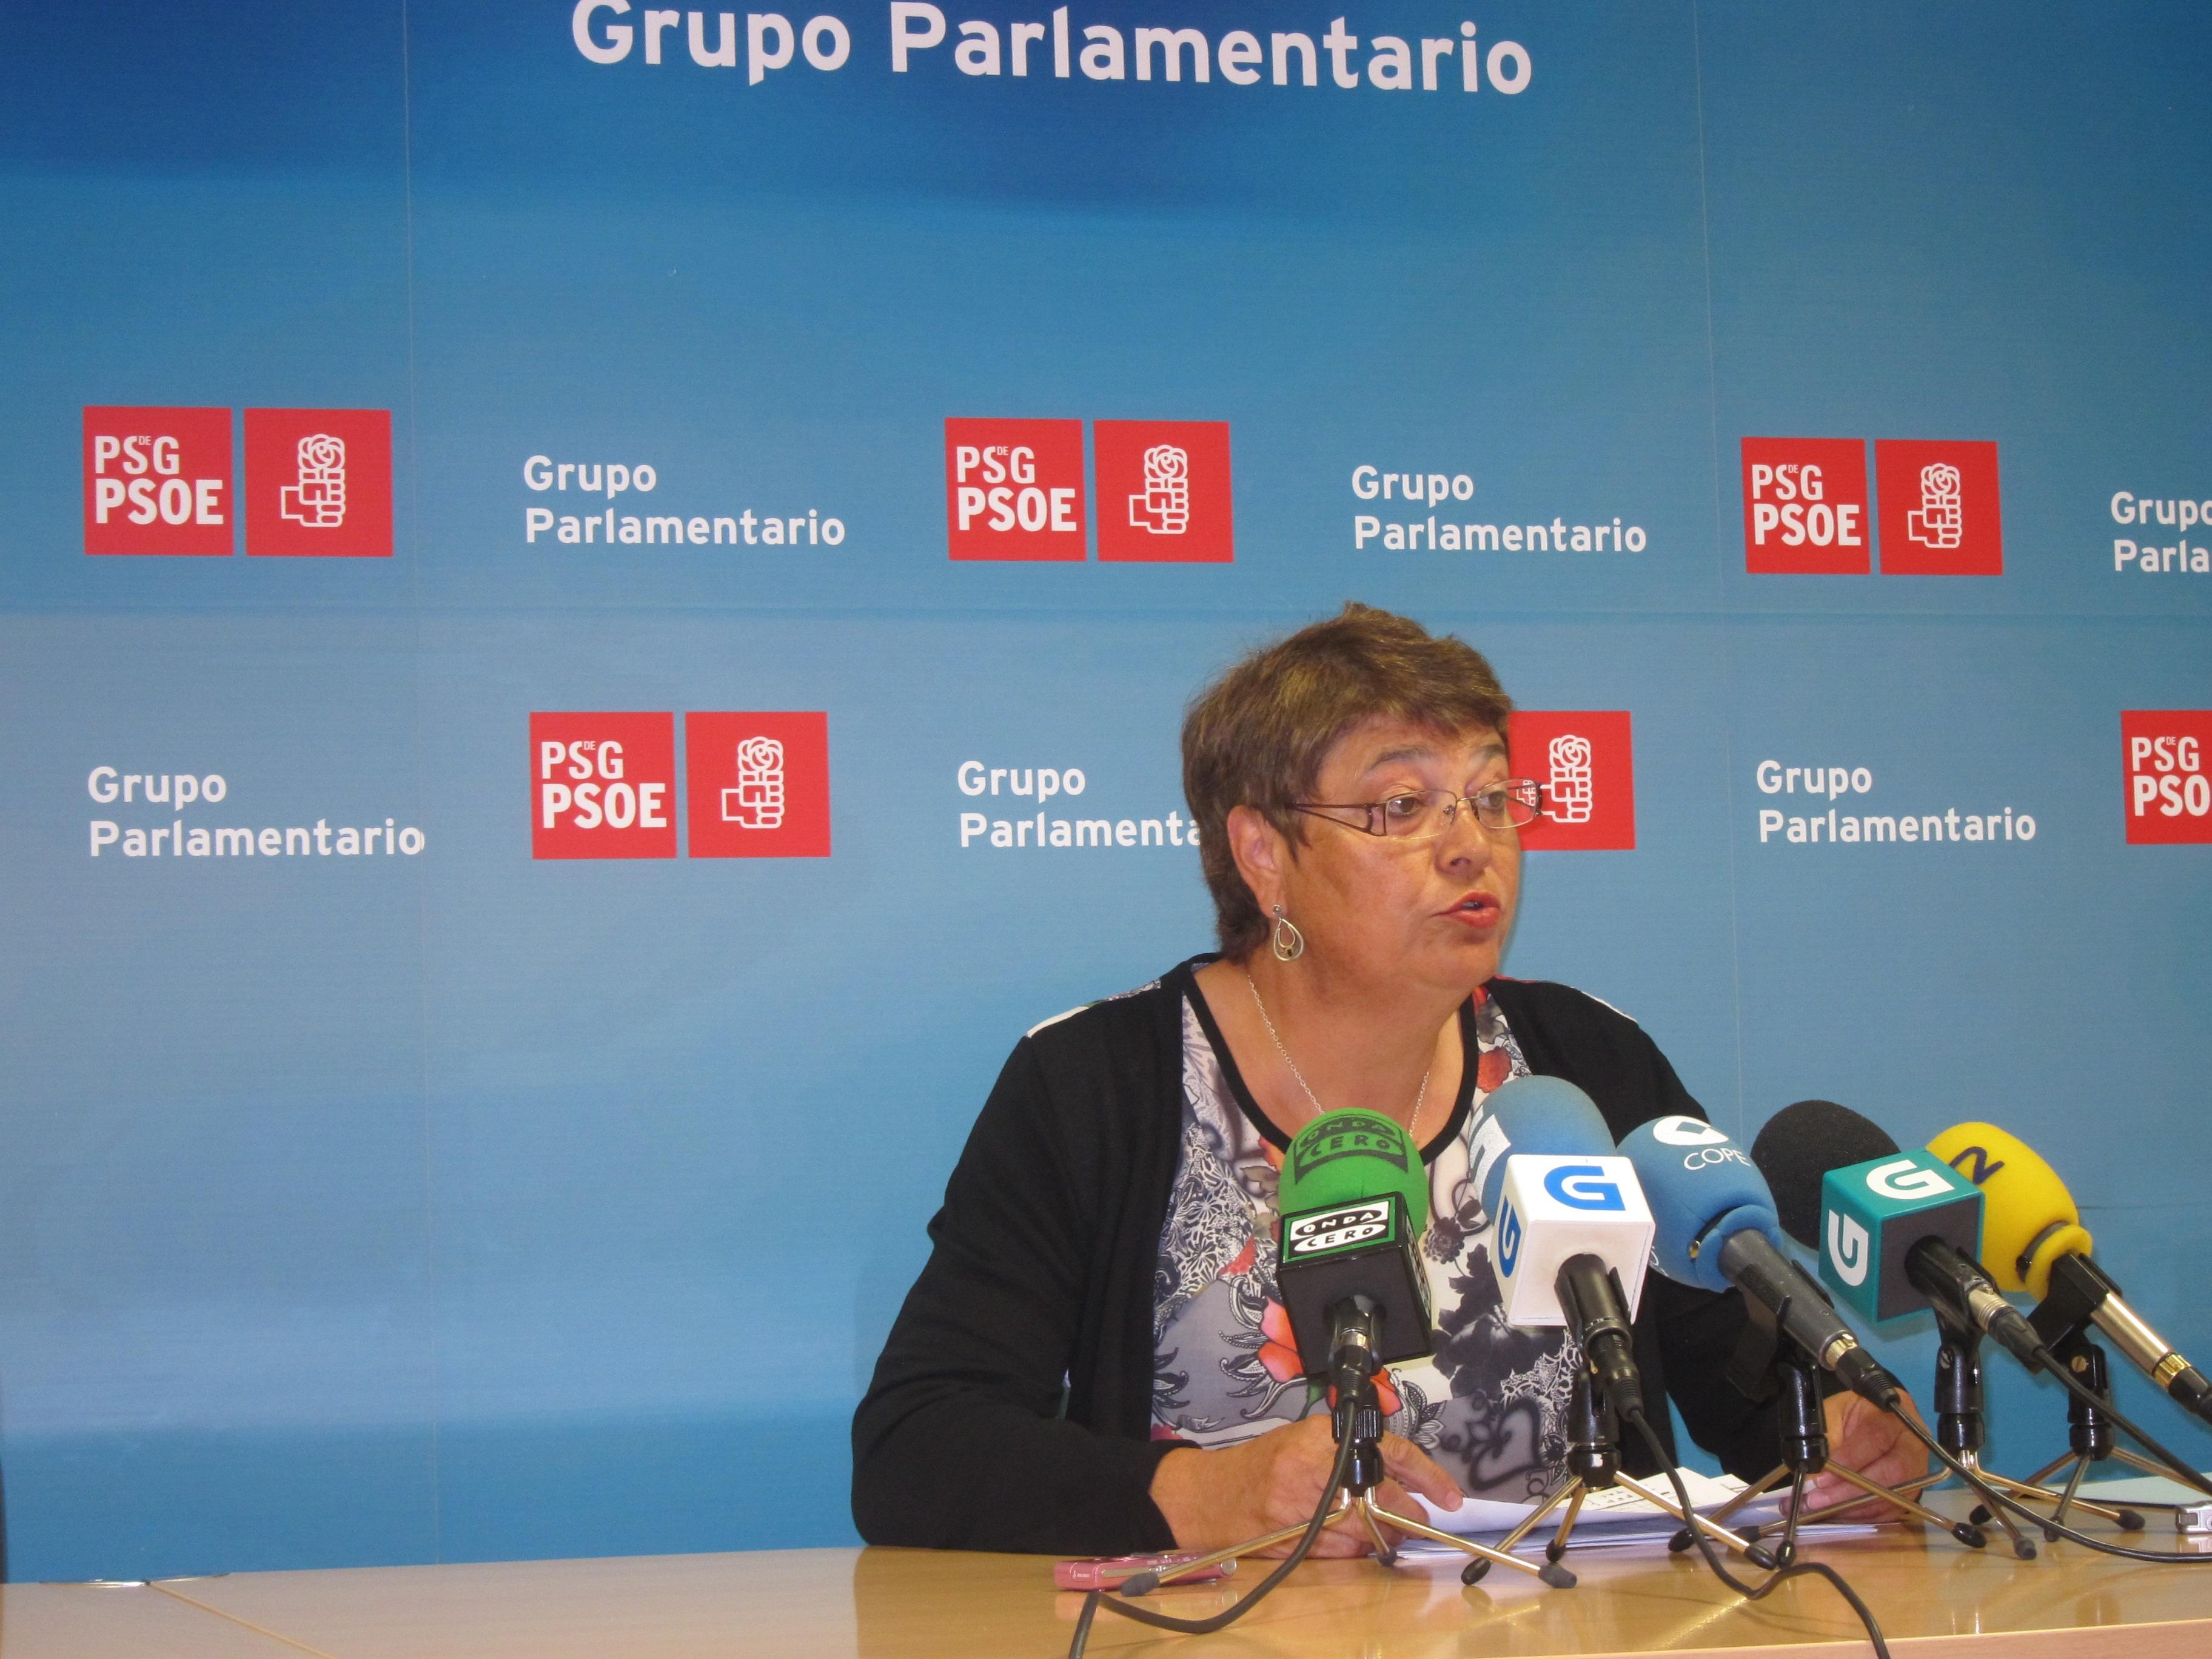 El PSdeG advierte de que Galicia podría perder cerca de 1.500 millones de euros de fondos europeos sin ejecutar